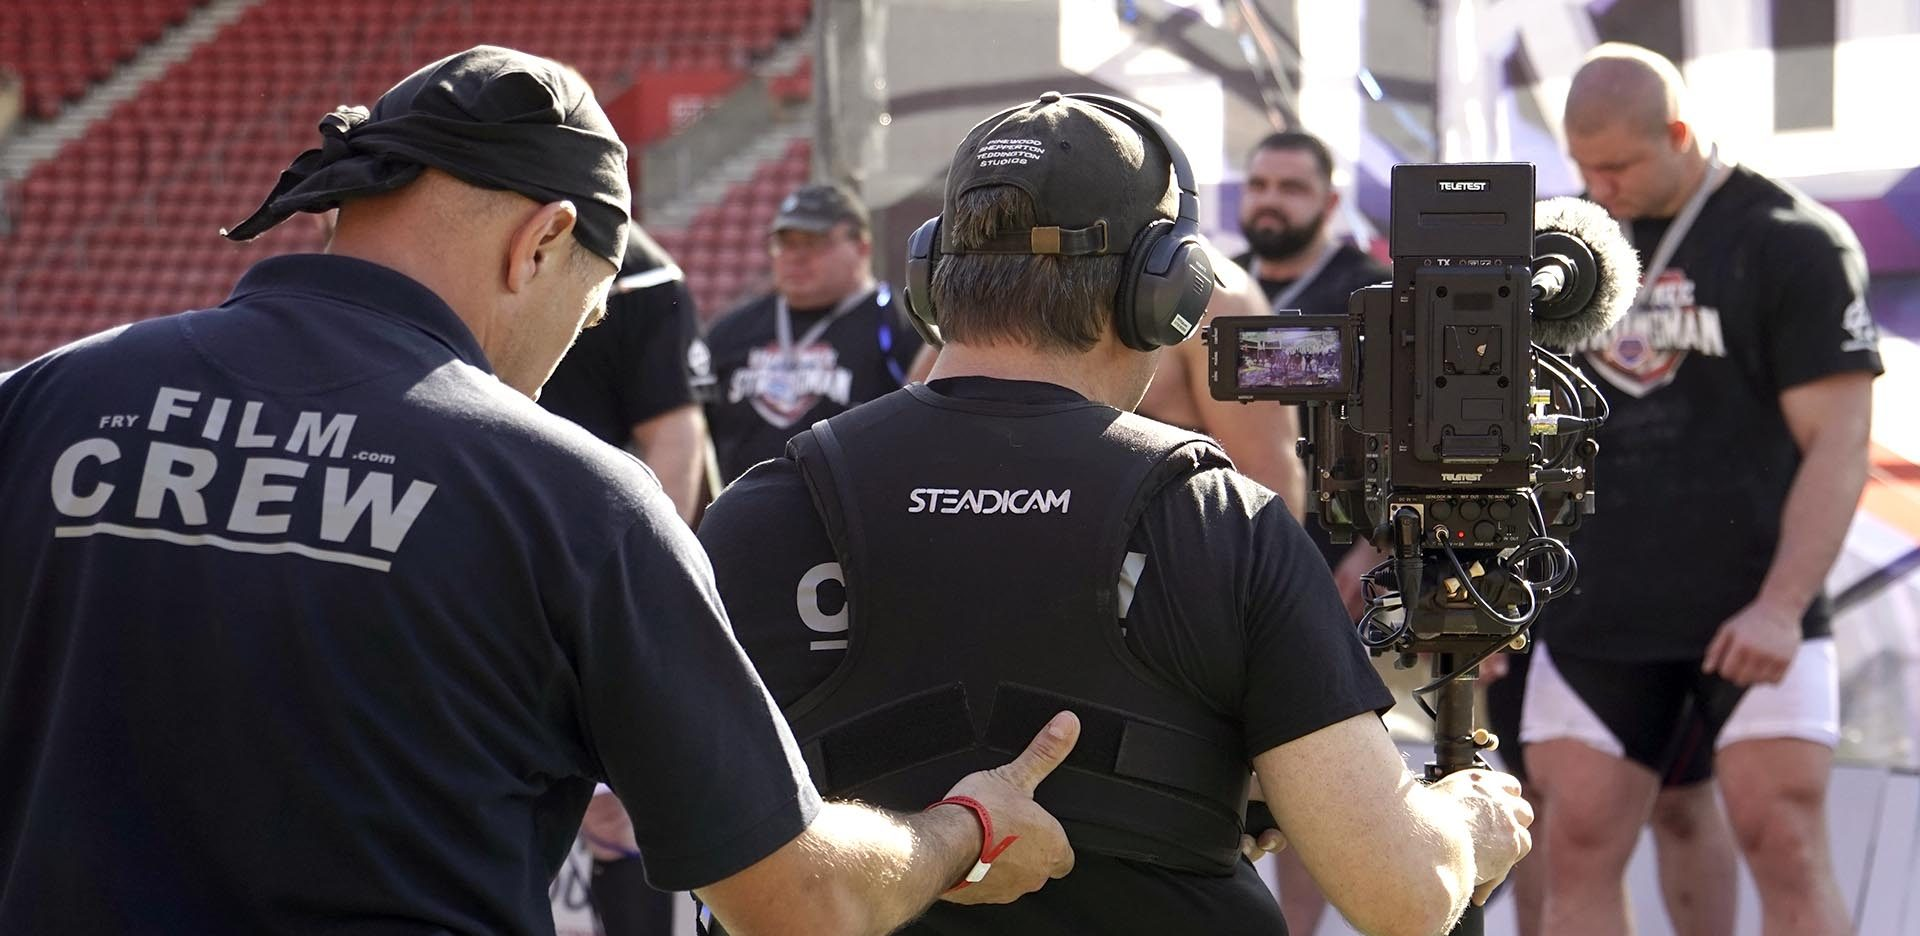 Steadicam Strongman Fryfilm John Fry FS7 Teletest Telesend